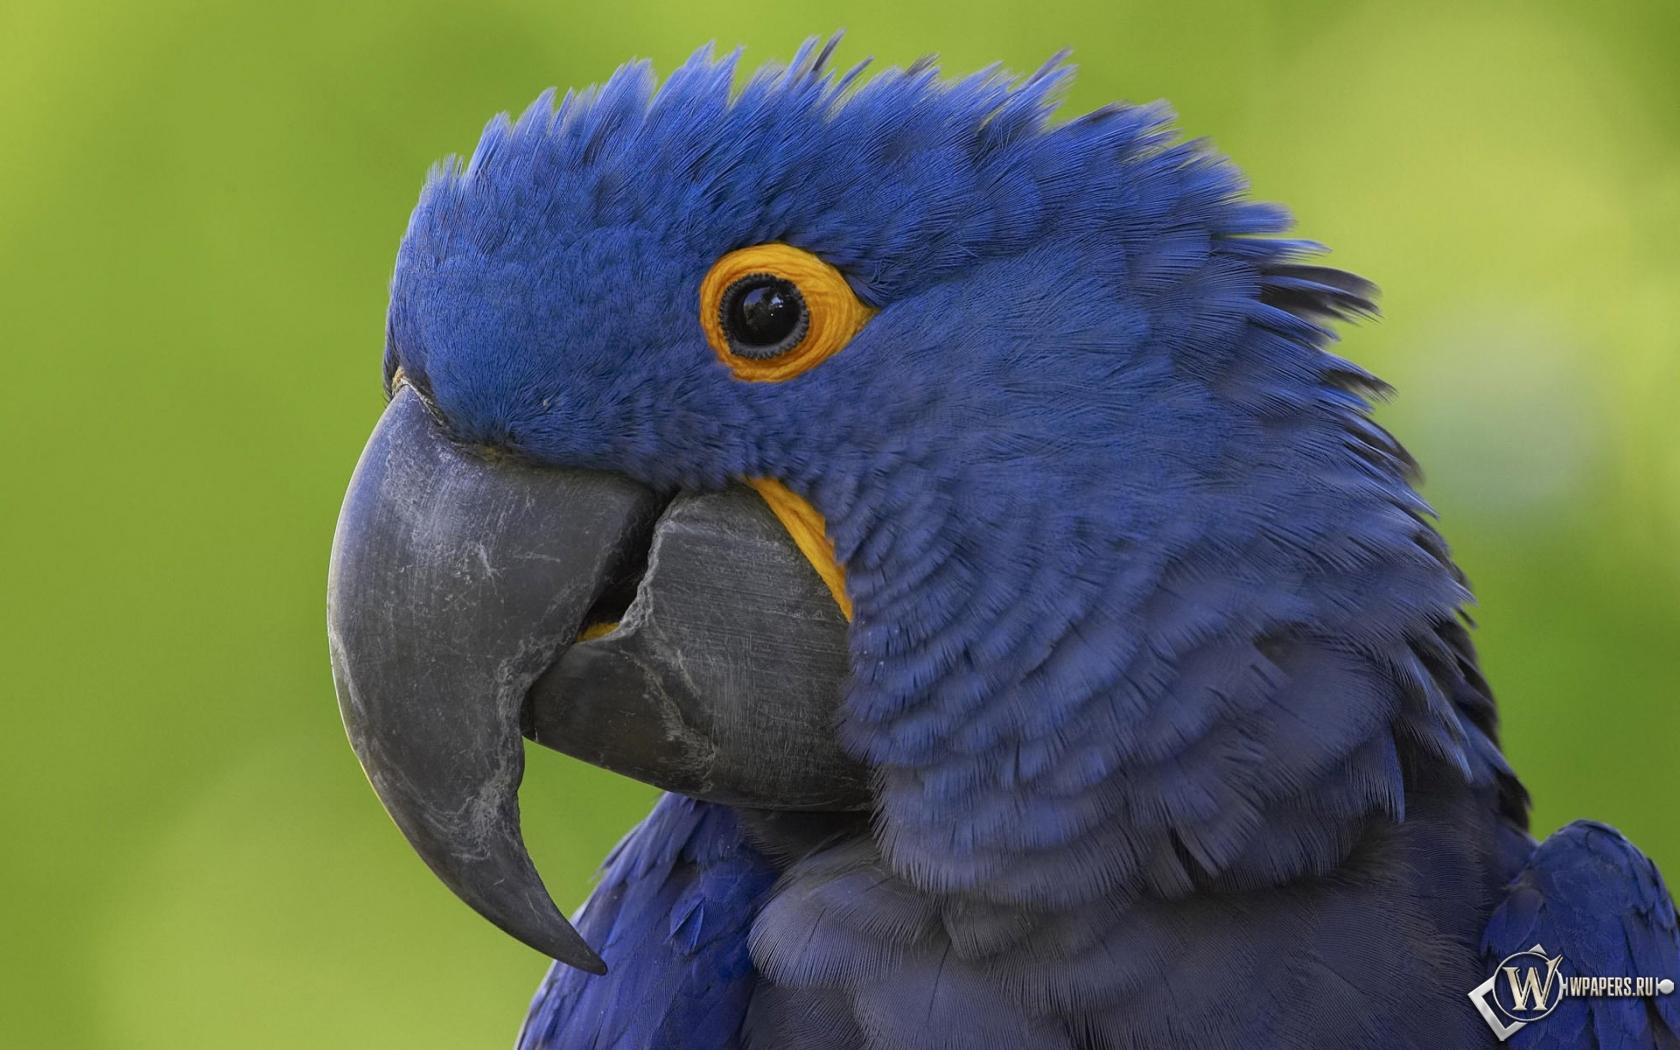 Синий попугай 1680x1050